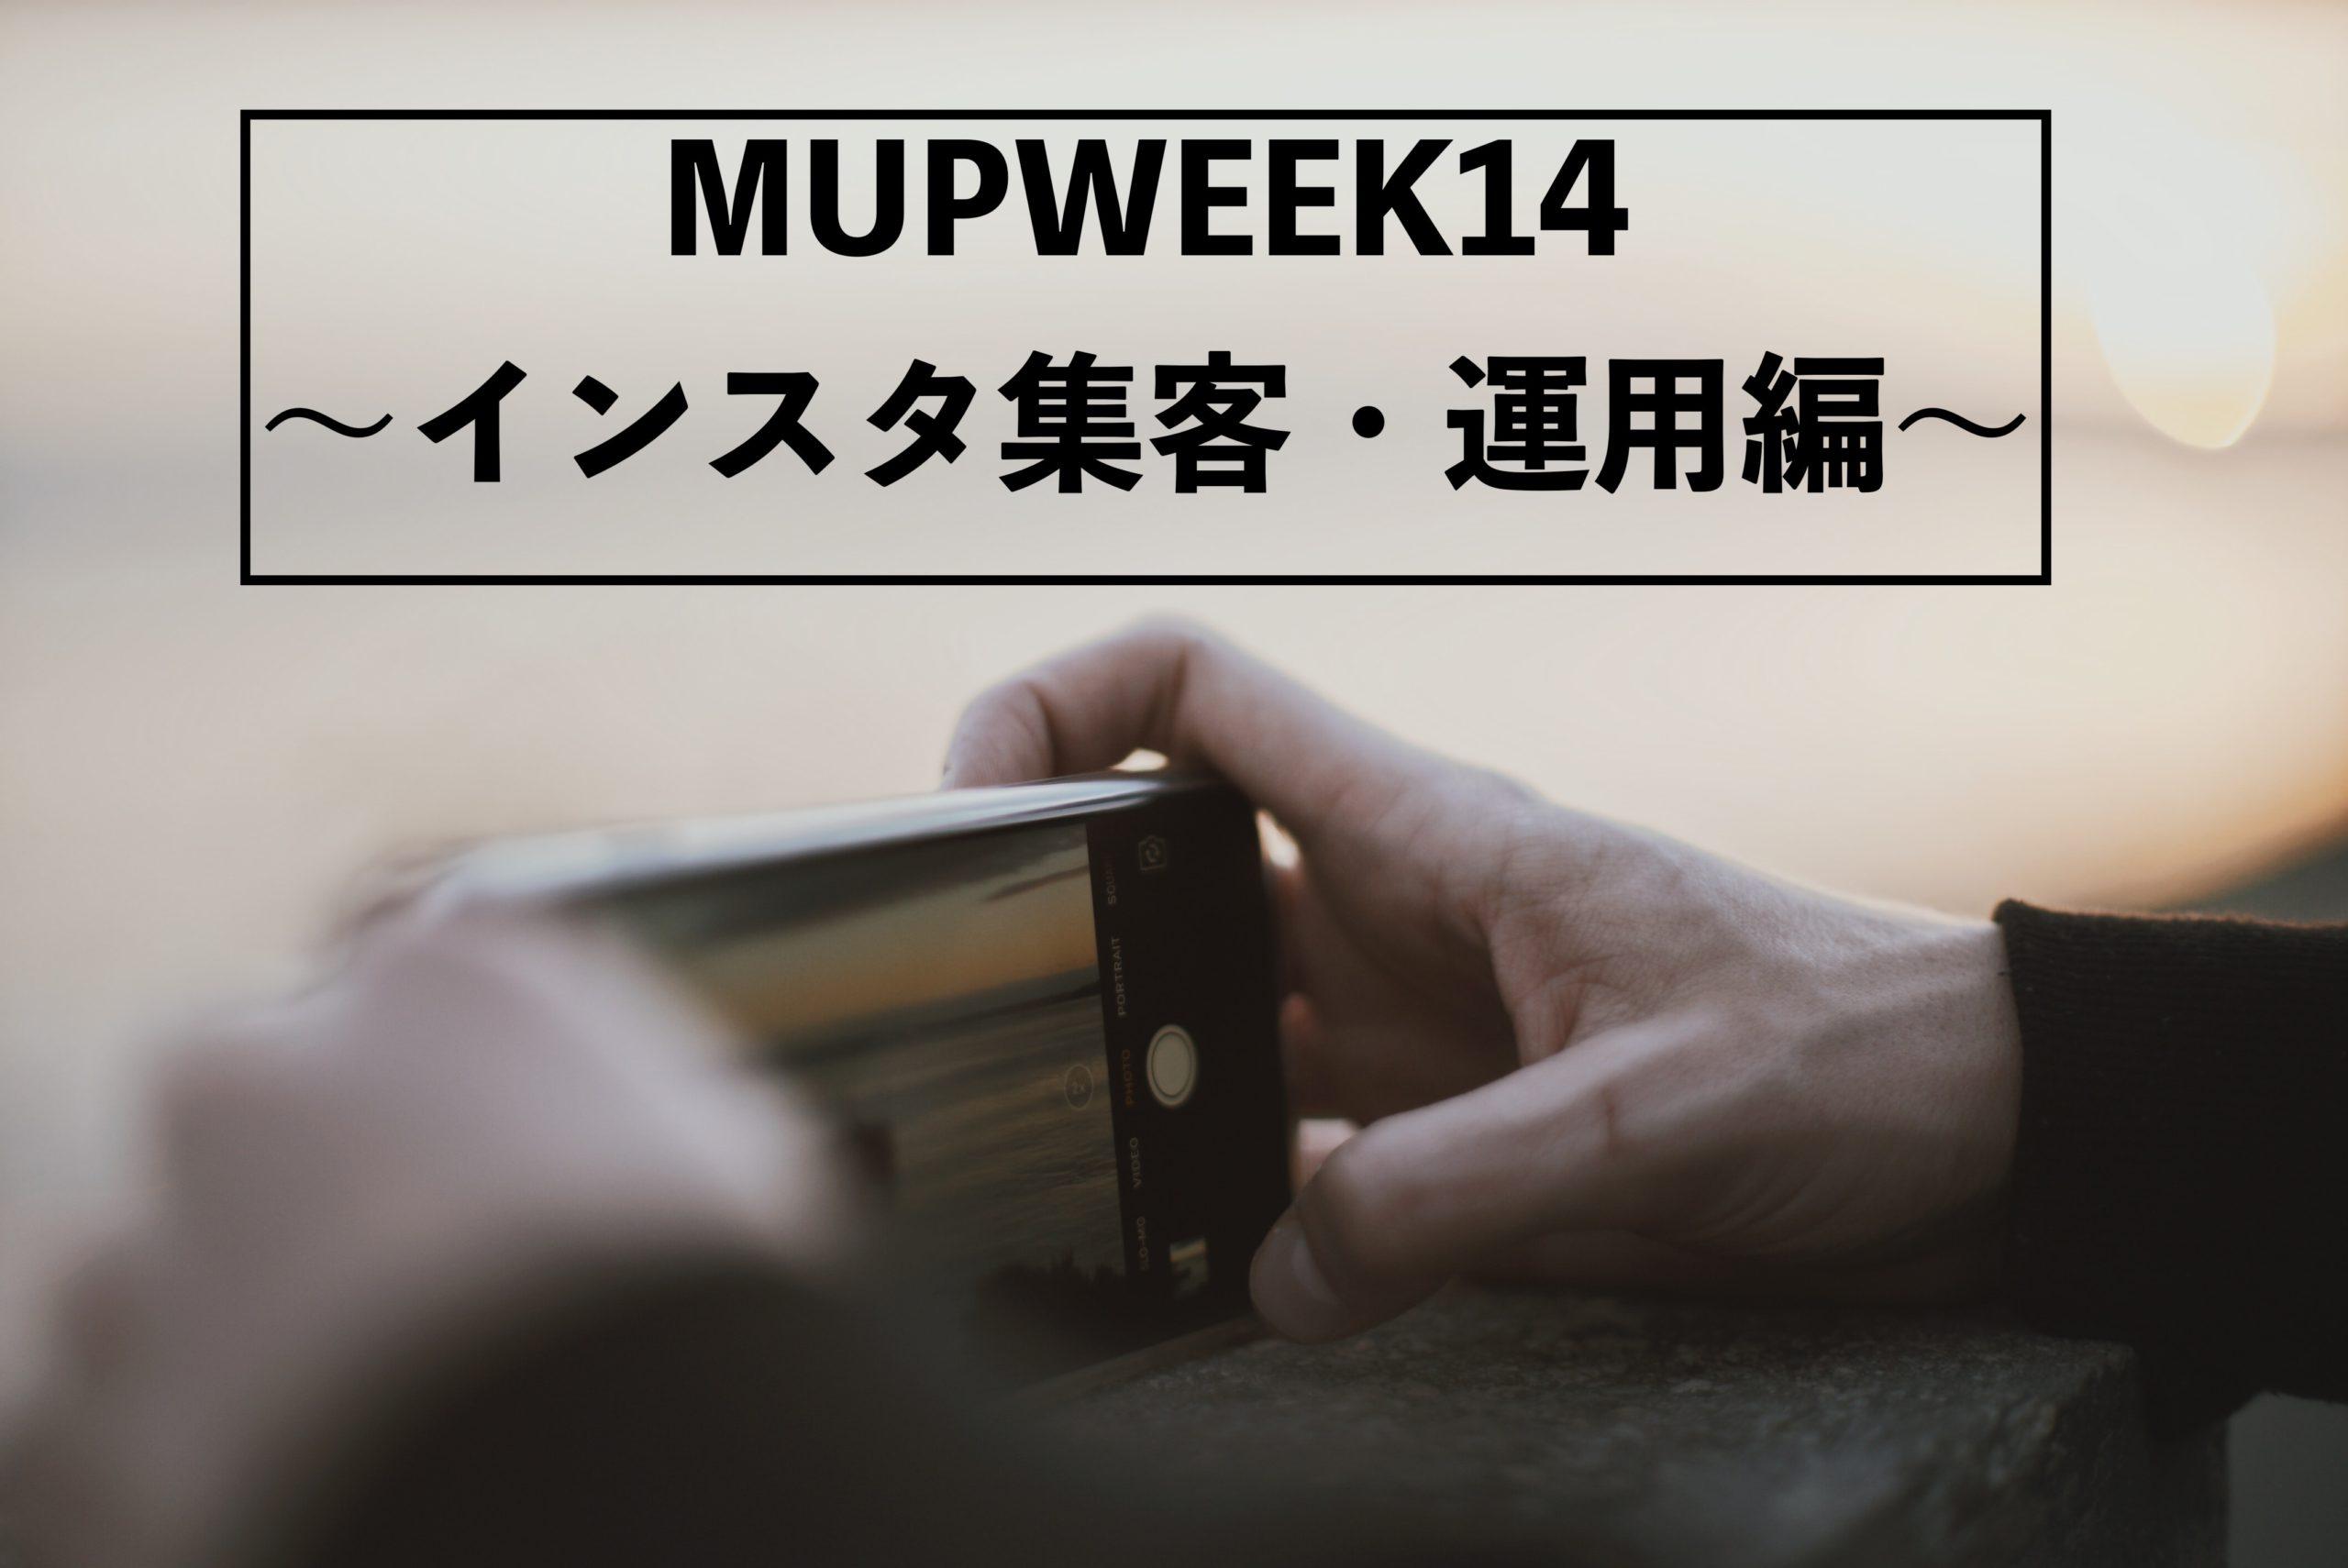 MUPWEEK14